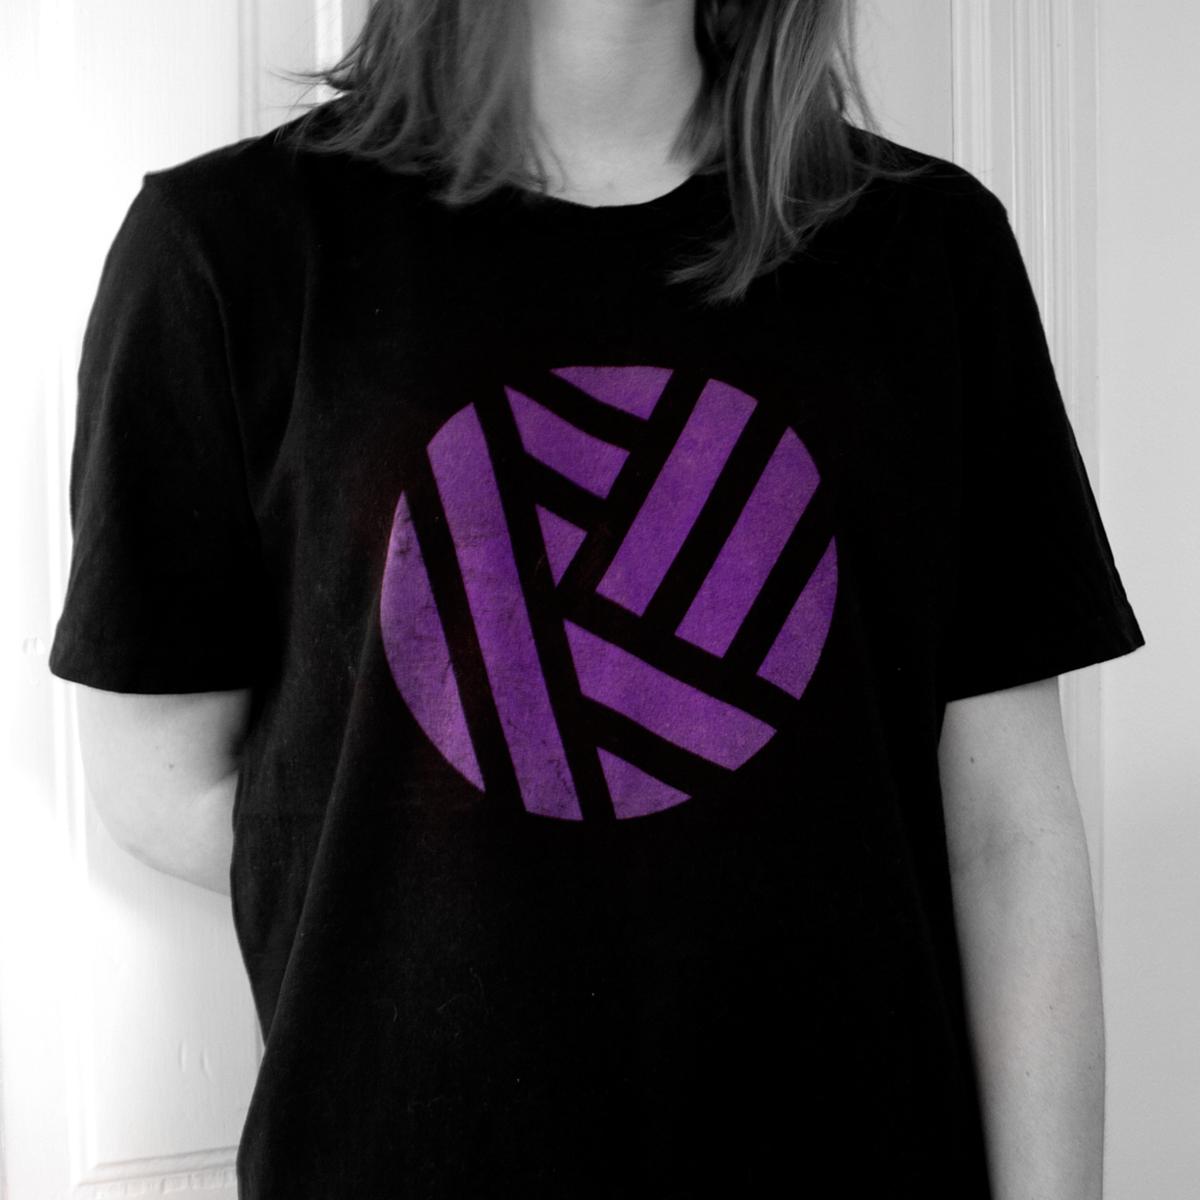 Kajunga_T-shirt.jpg